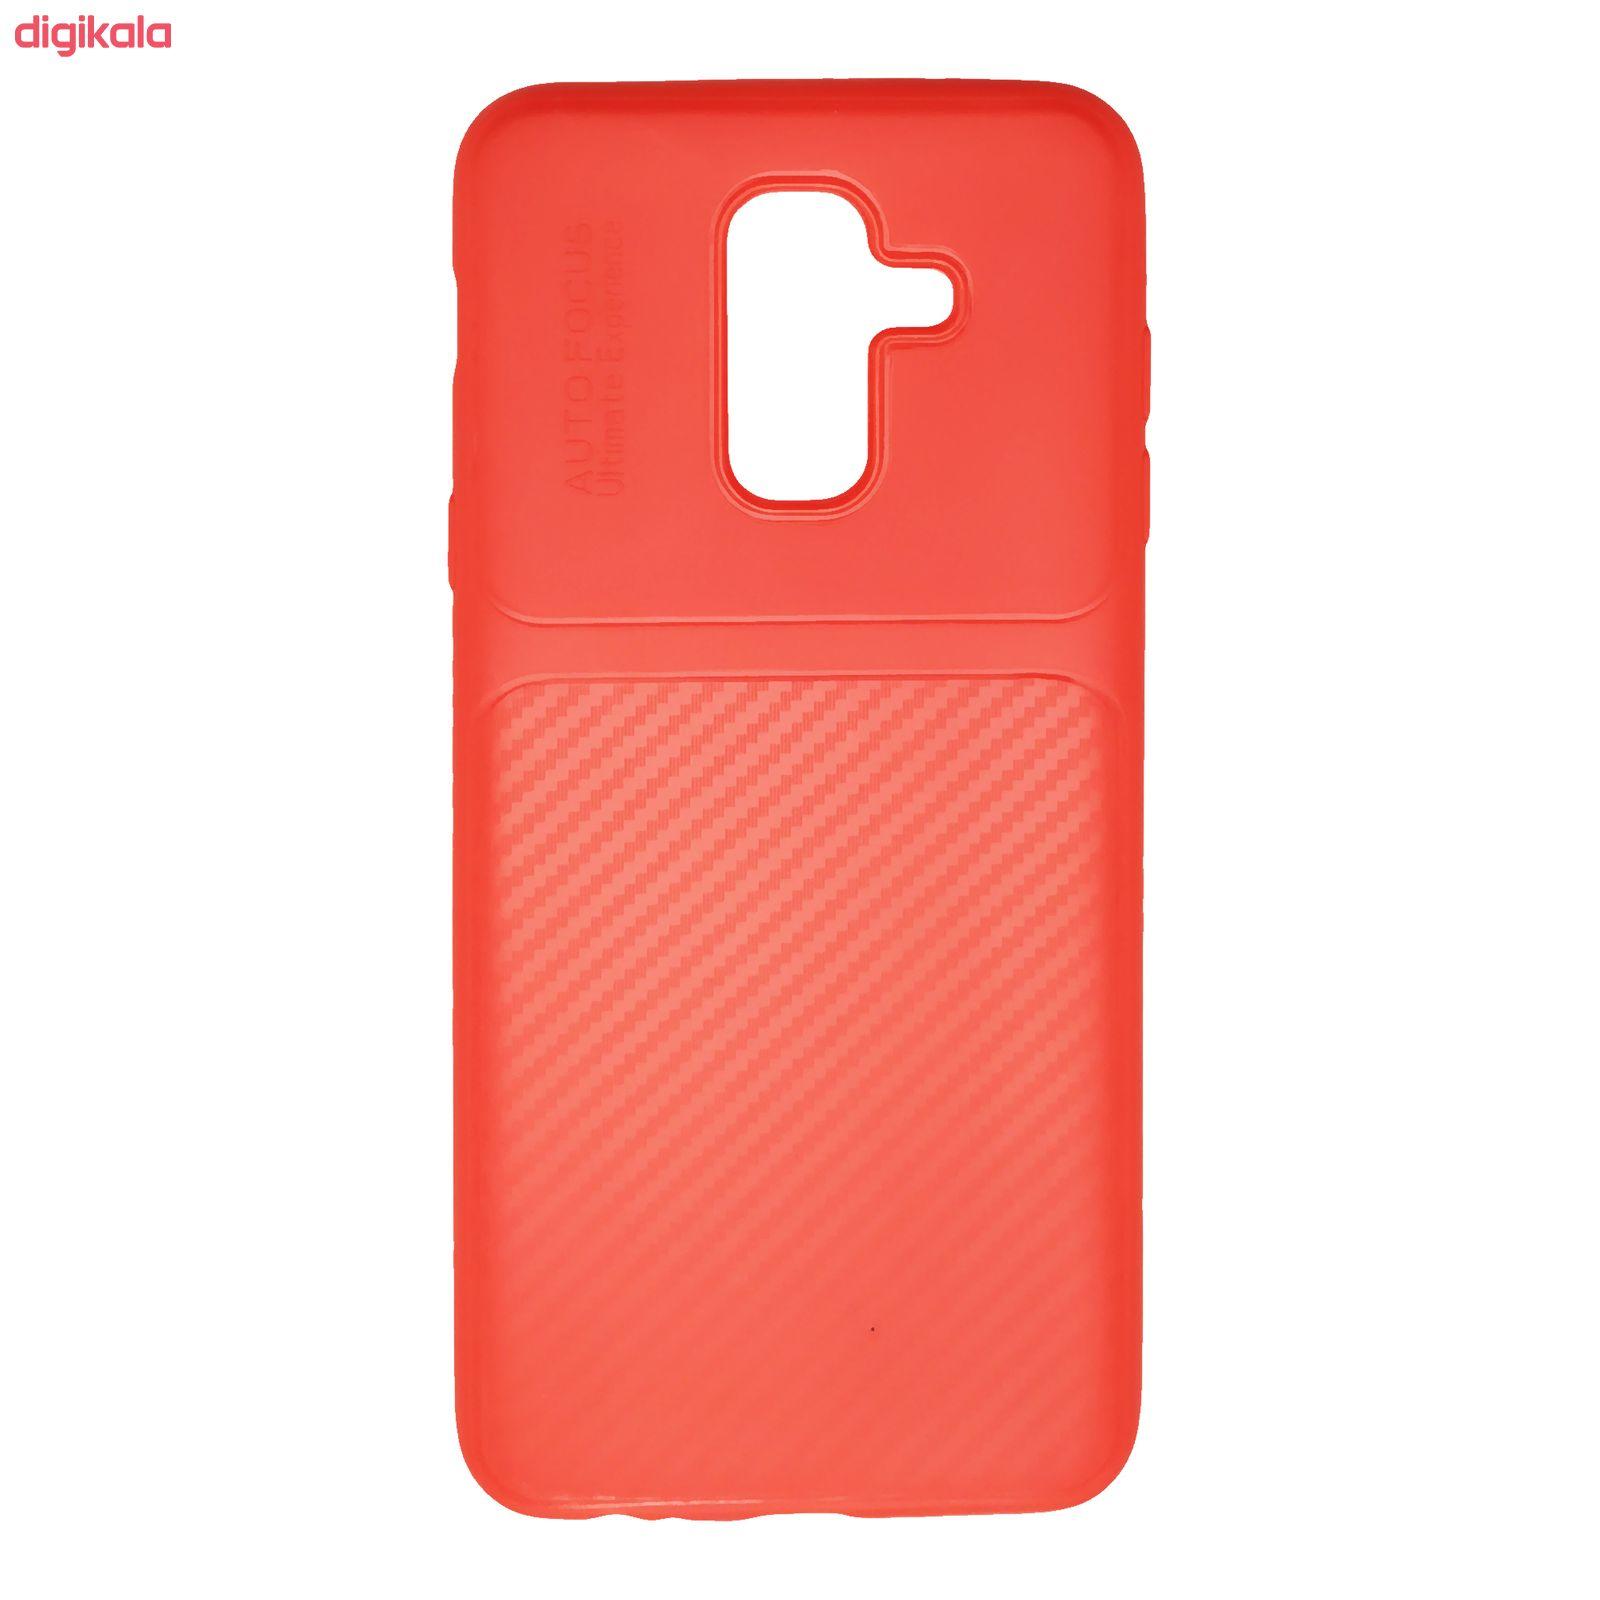 کاور کد atuo-5405 مناسب برای گوشی موبایل سامسونگ Galaxy A6 Plus 2018 / J8 2018 main 1 1